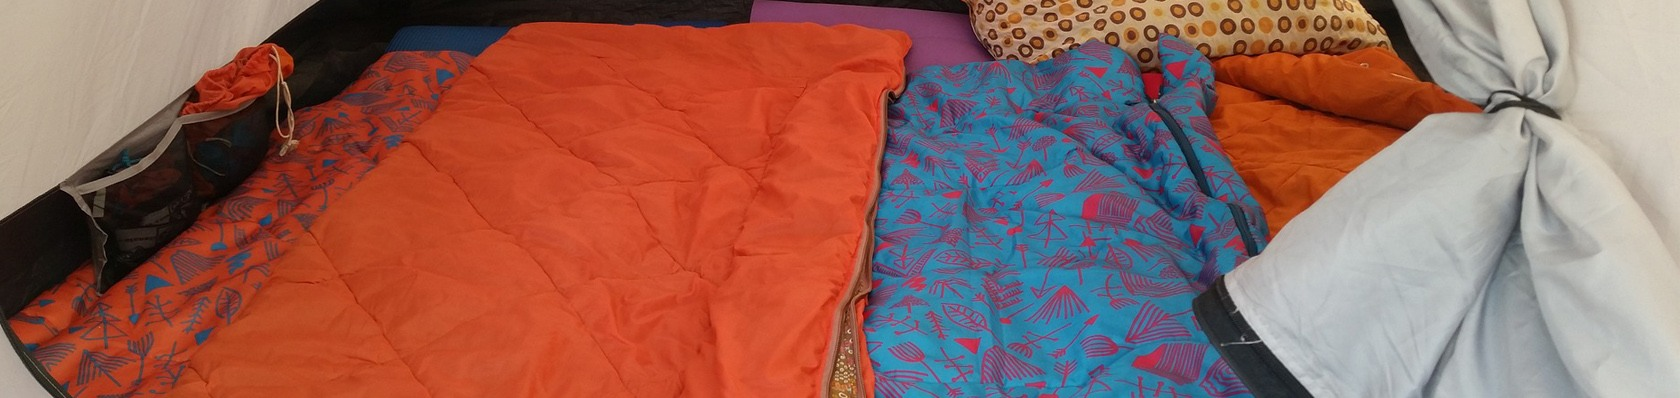 Kunstfaserschlafsäcke  im Test auf ExpertenTesten.de